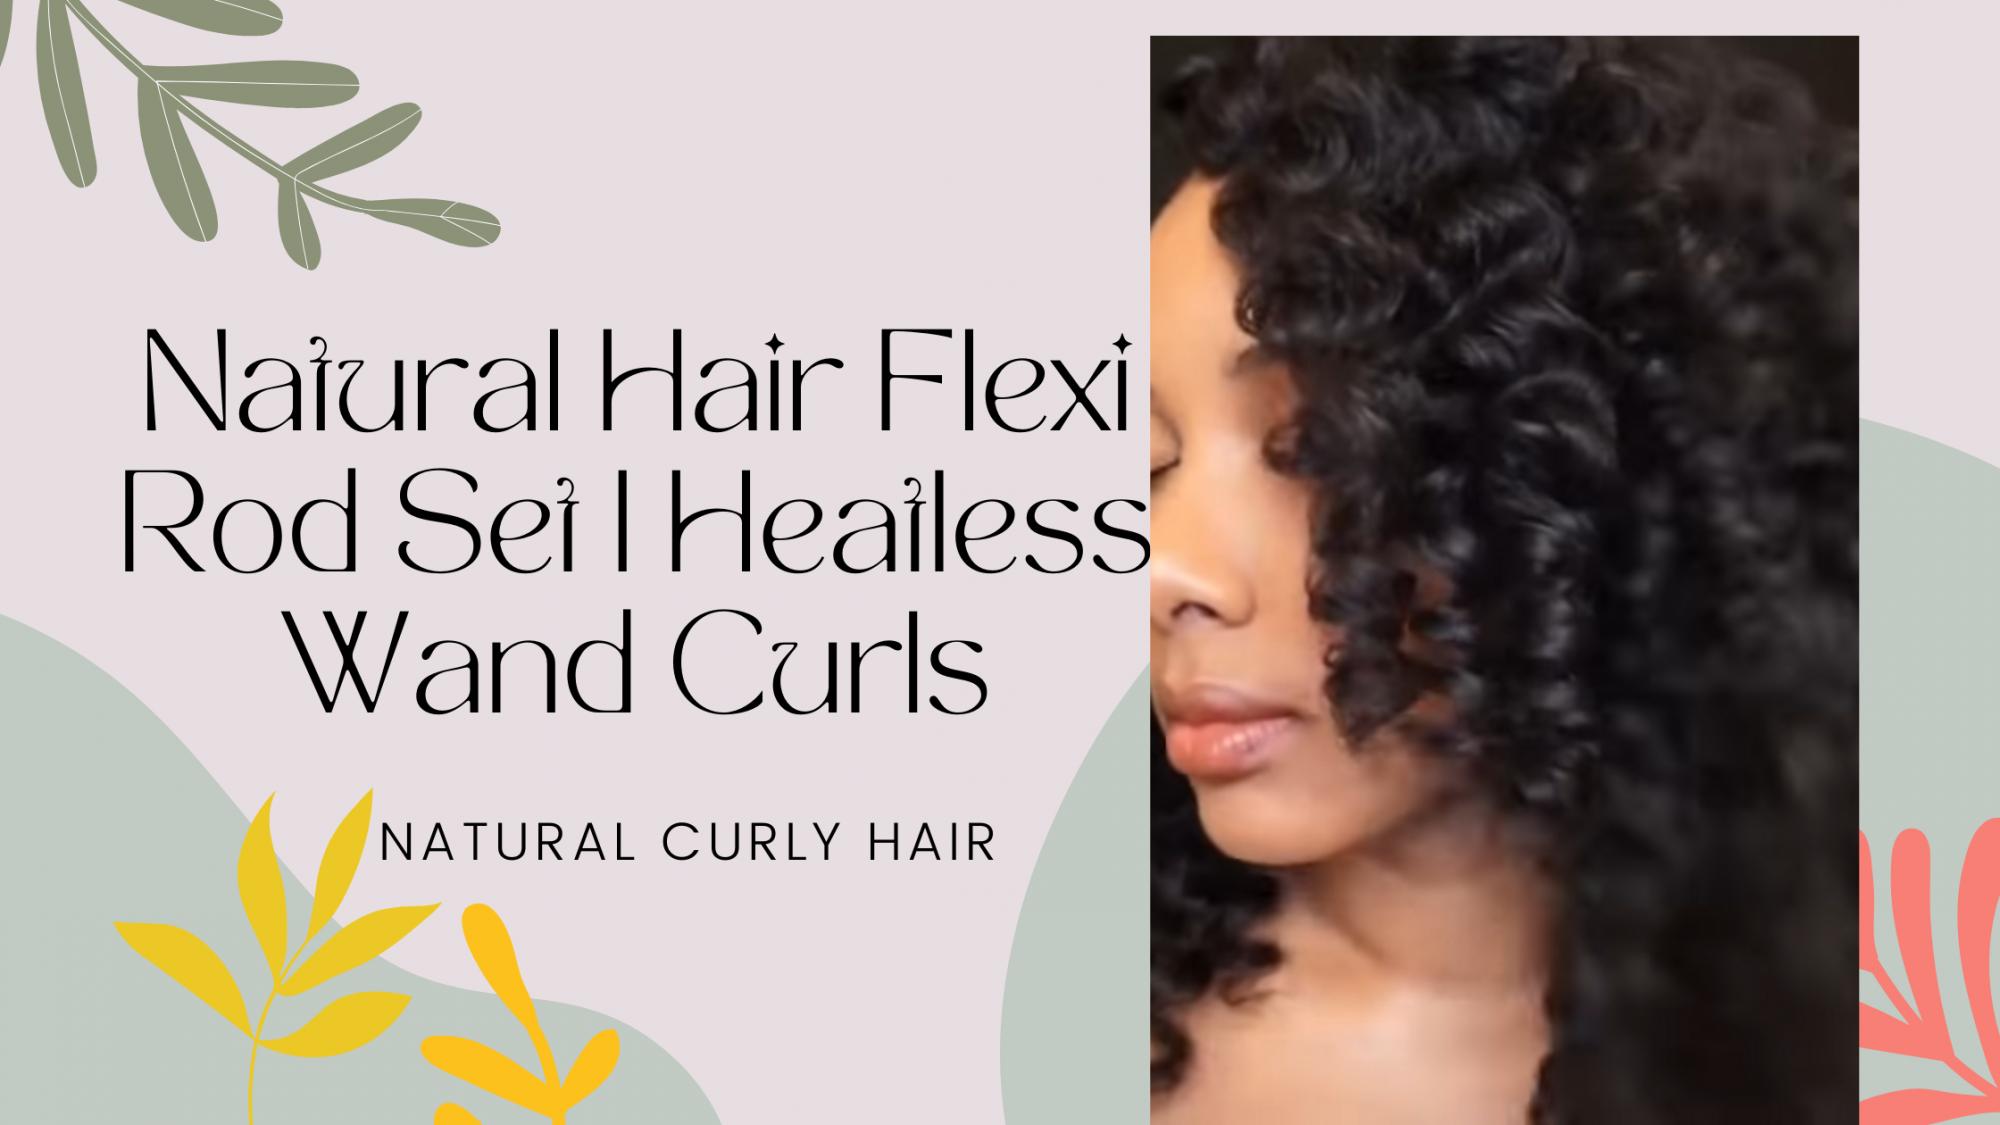 Heatless Wand Curls